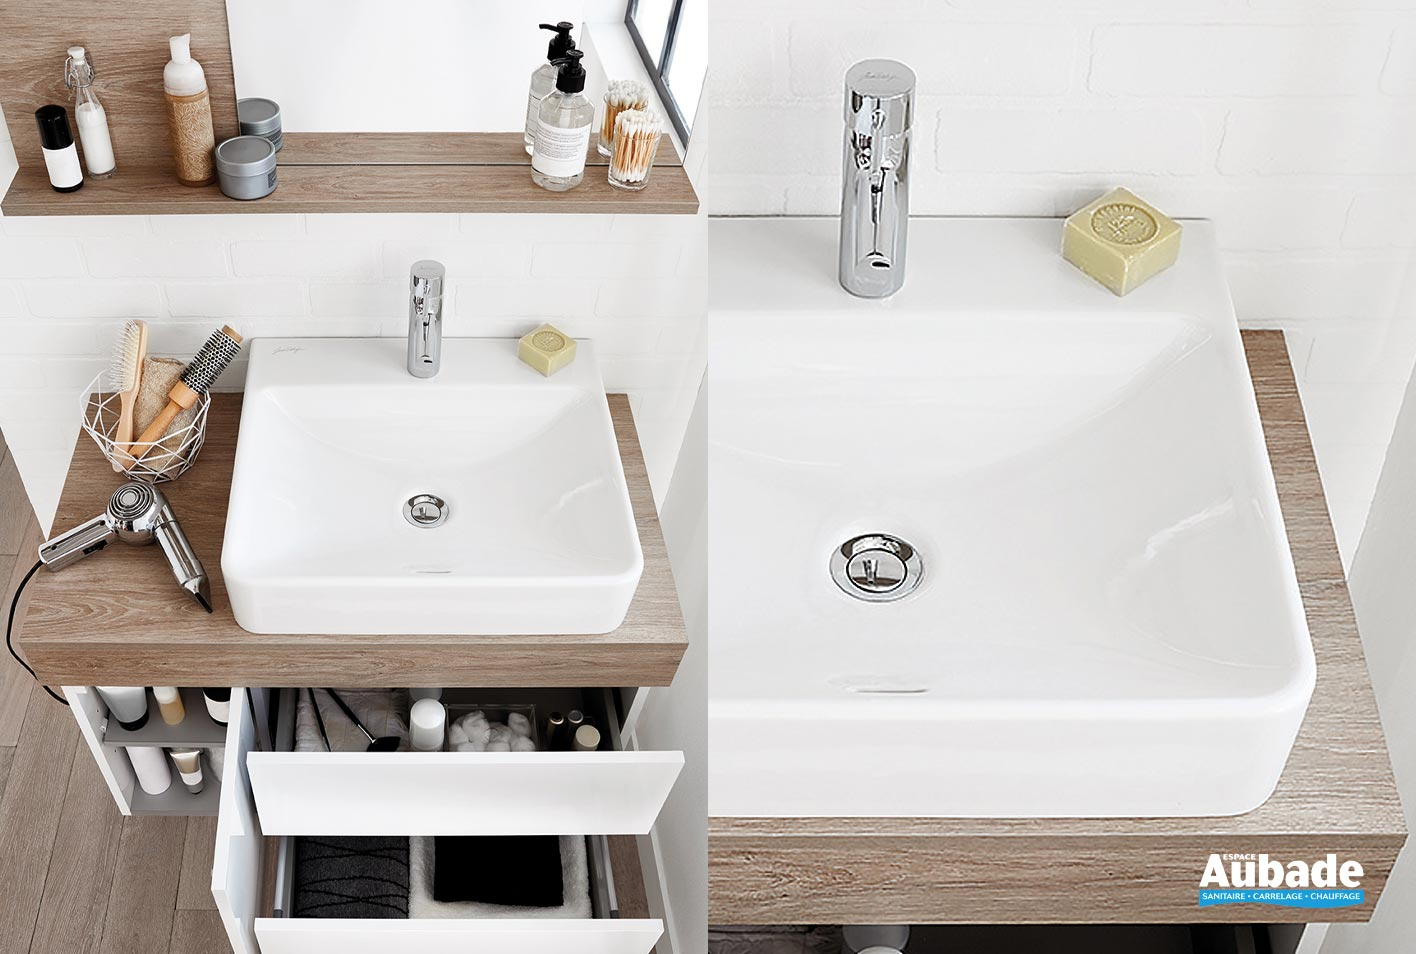 Espace Entre 2 Vasques vasque vox - 20 modèles jacob delafon | espace aubade